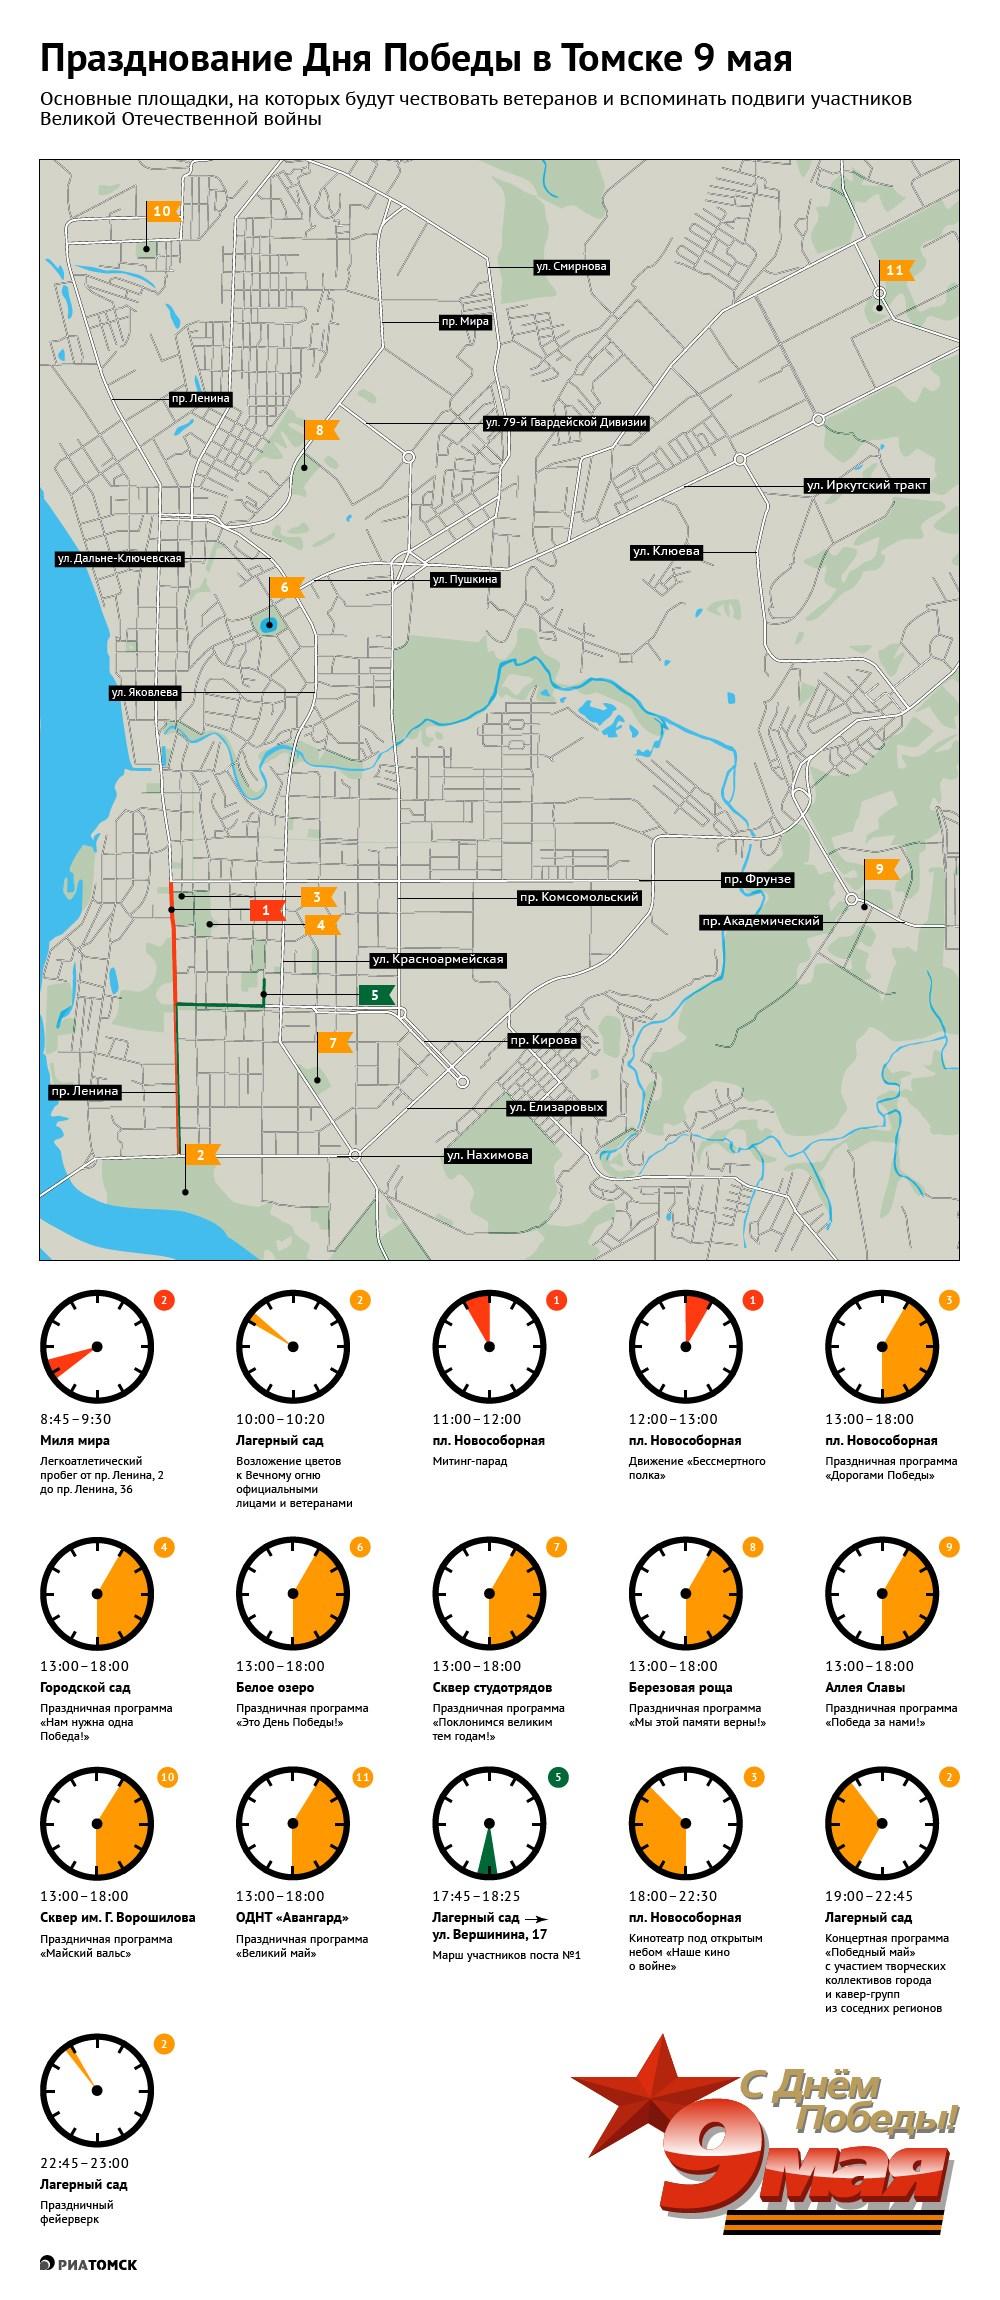 Мероприятия, посвященные Дню Победы, запланированы во всех районах Томска. Подробнее о том, где томичи смогут отметить 9 Мая, – в инфографике РИА Томск.